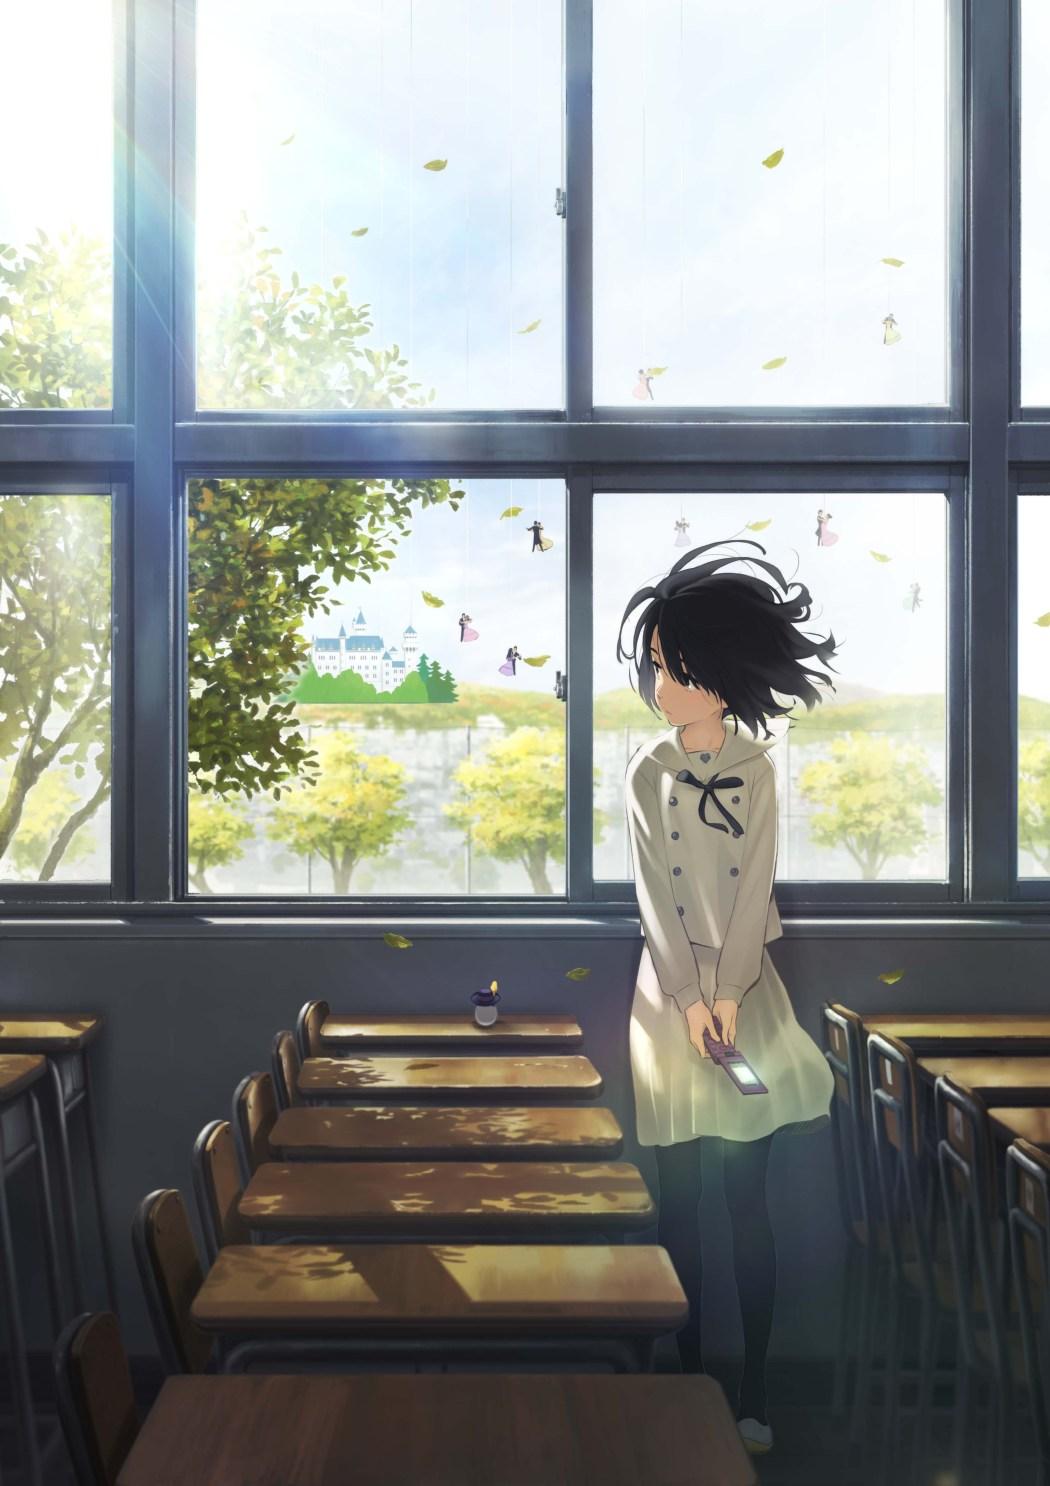 Kokoro ga Sakebitagatterunda. movie visual haruhichan.com Beautiful Word Beautiful World